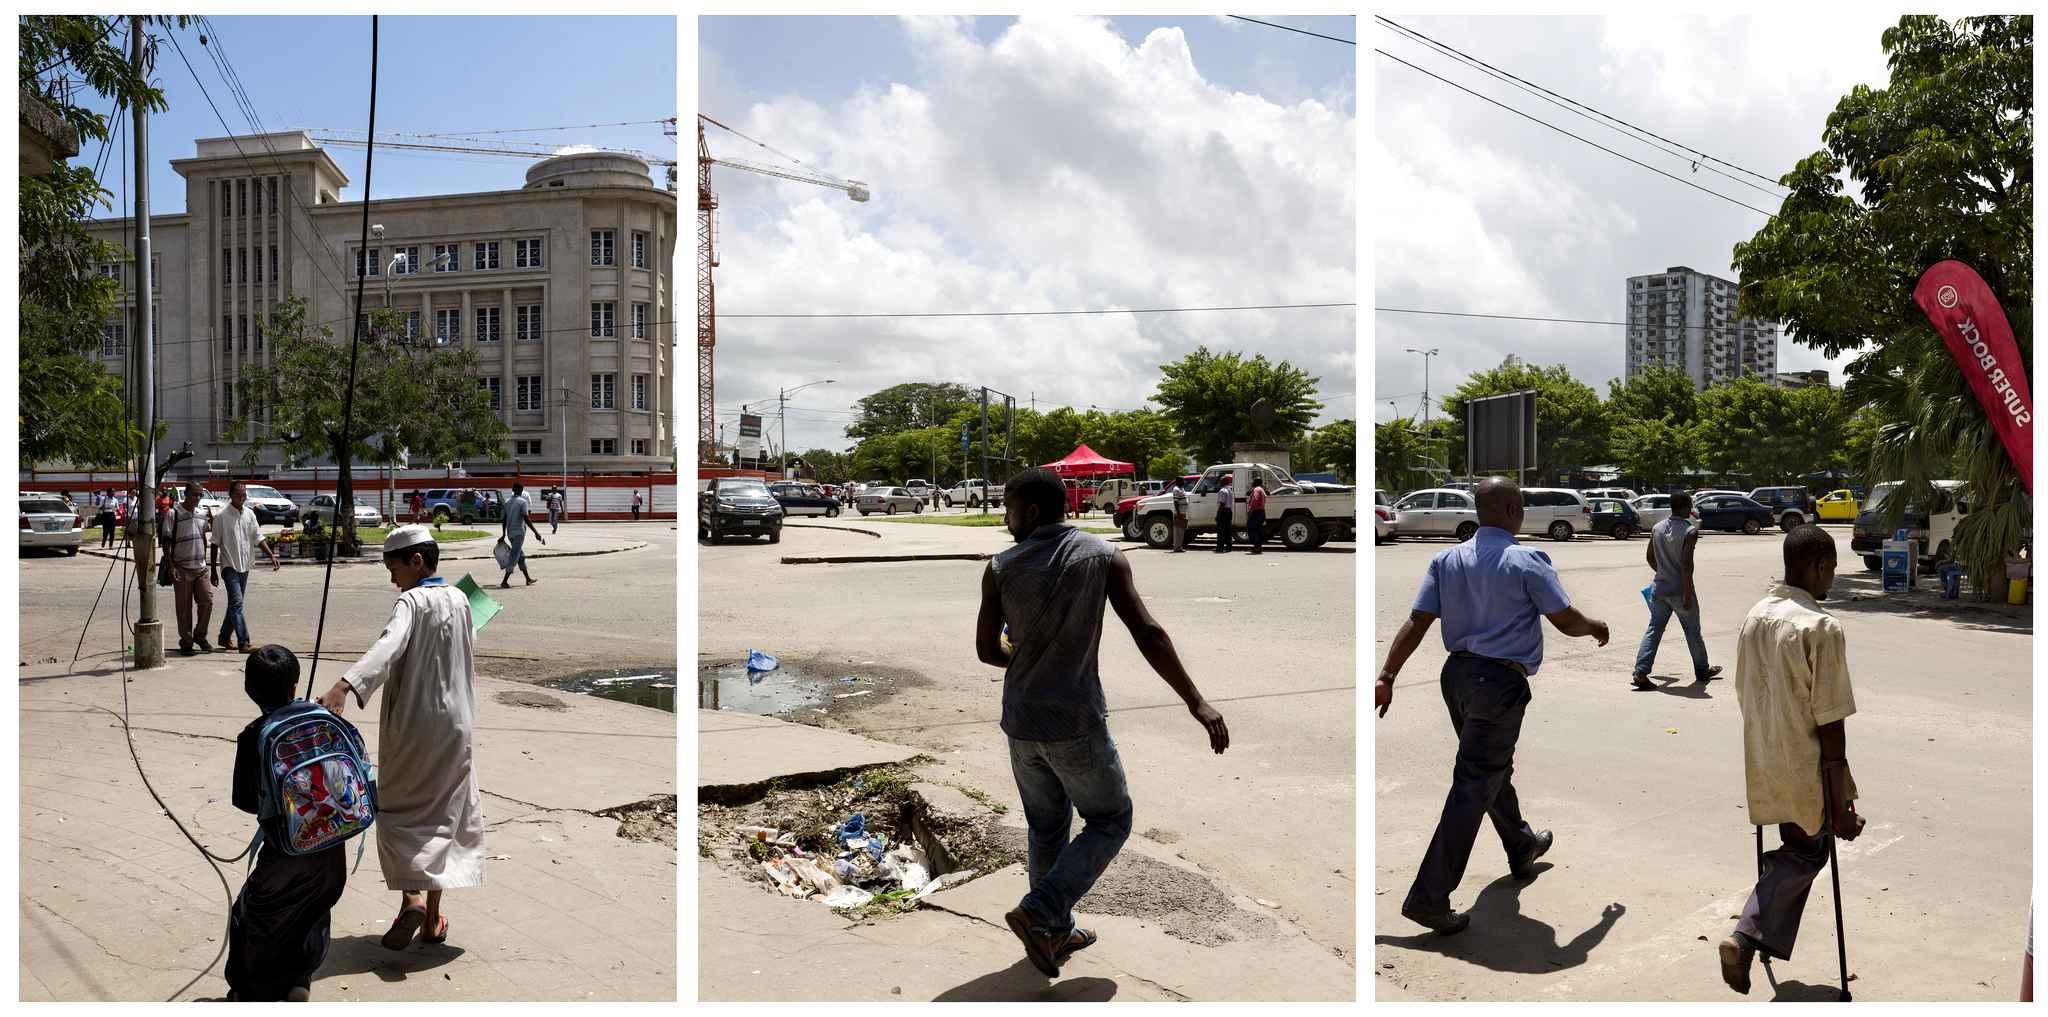 Guy Tillim Praça do Metical, Beira, Mozambique, 2017.